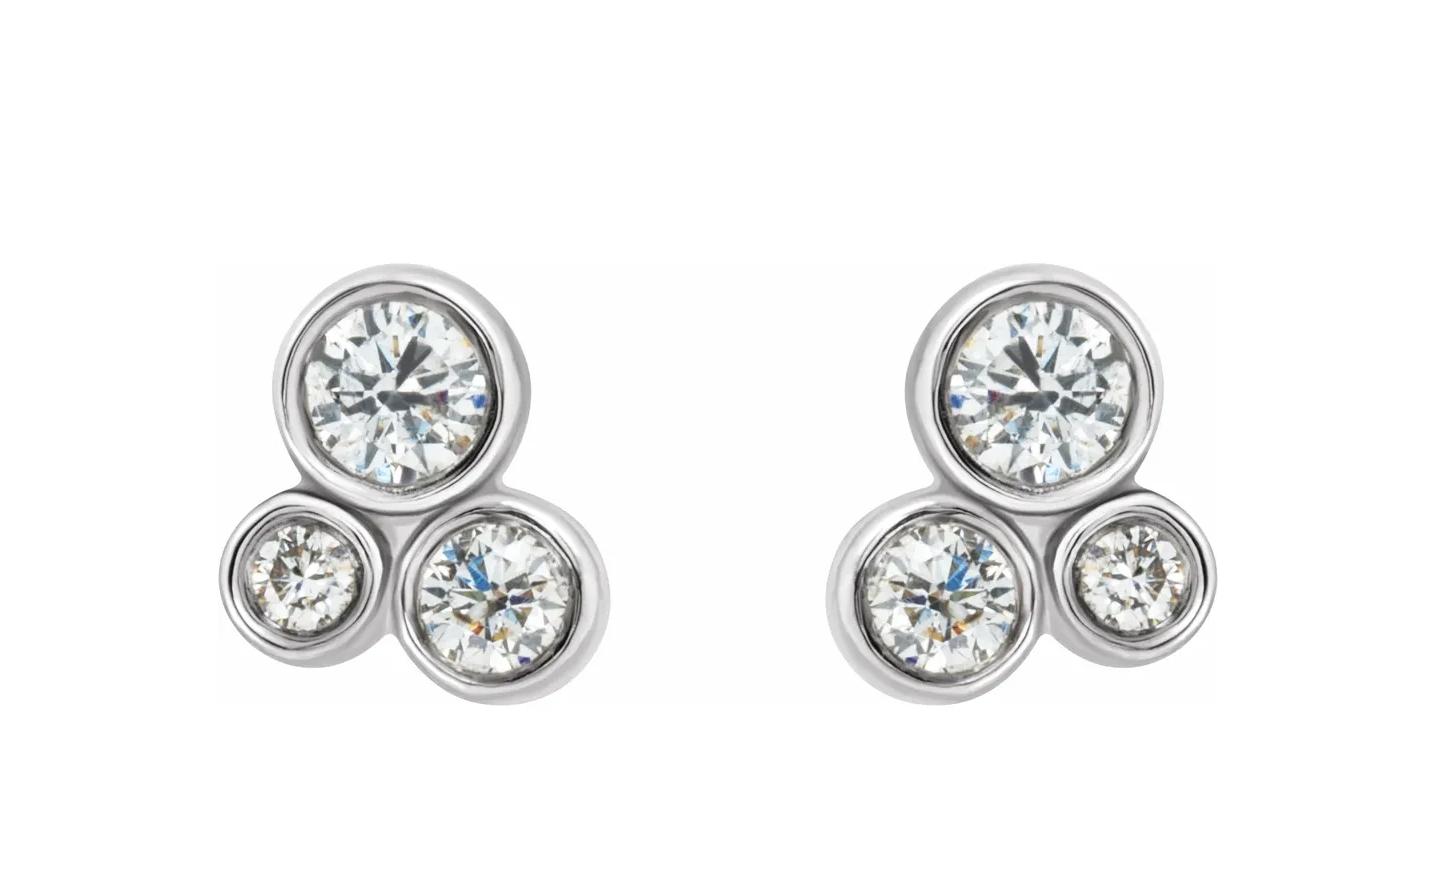 Stuller 86752 Cluster Diamond Earrings 1/5 carat total